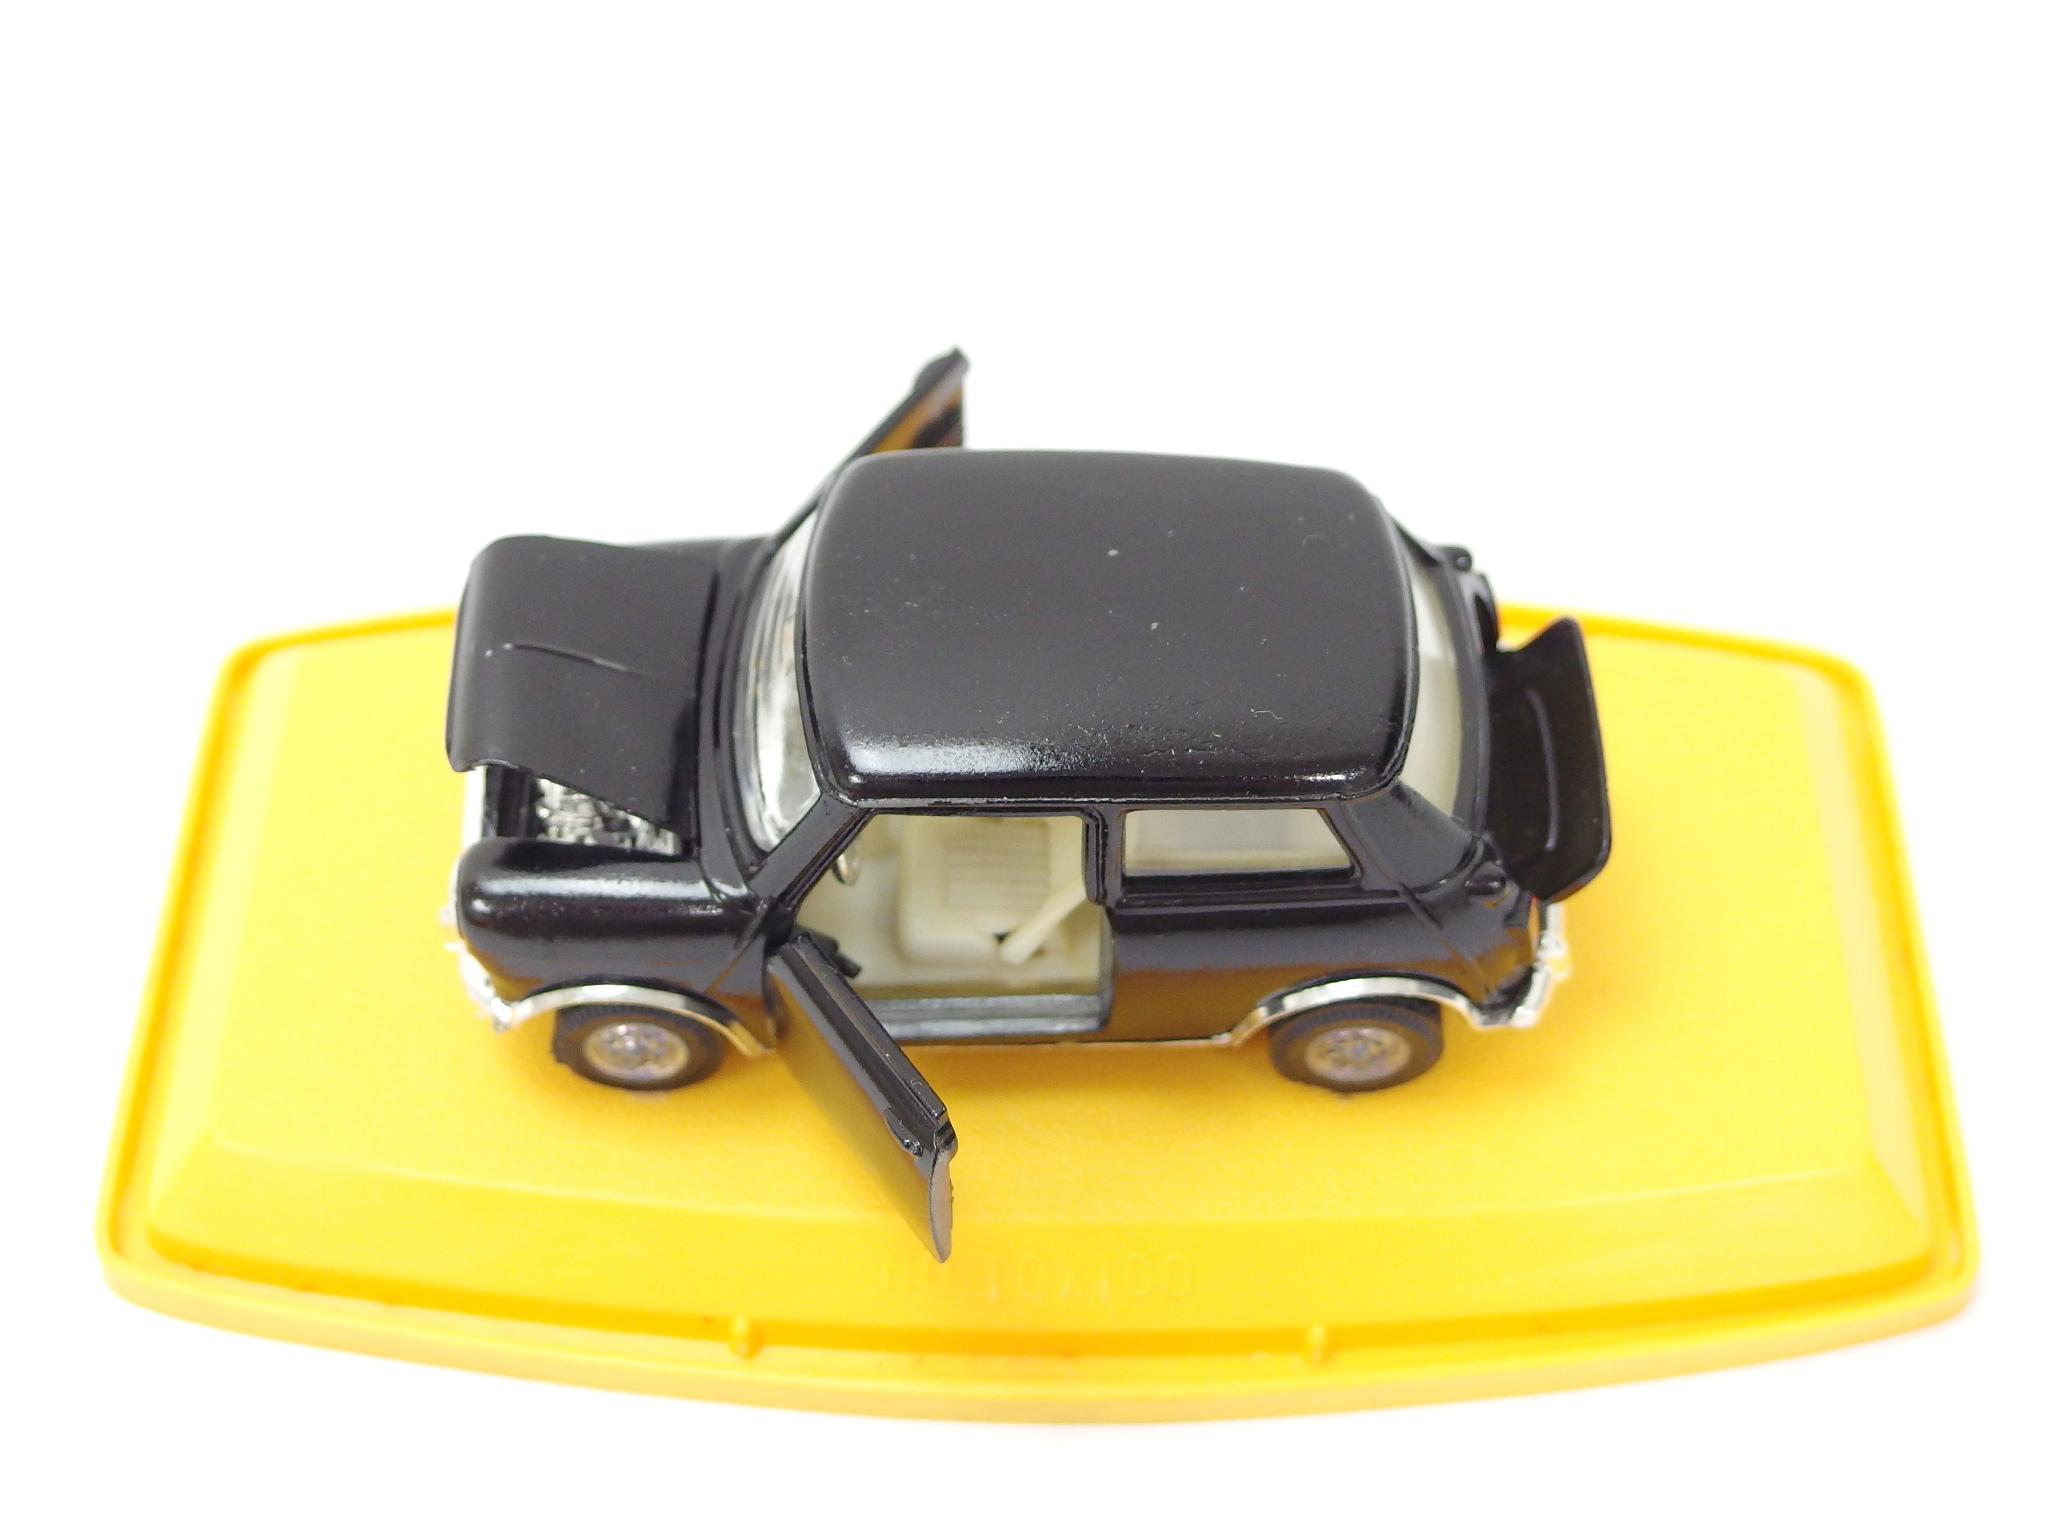 AUTO PILEN オートピレン 1/43スケール MINI COOPER ミニクーパー ブラック